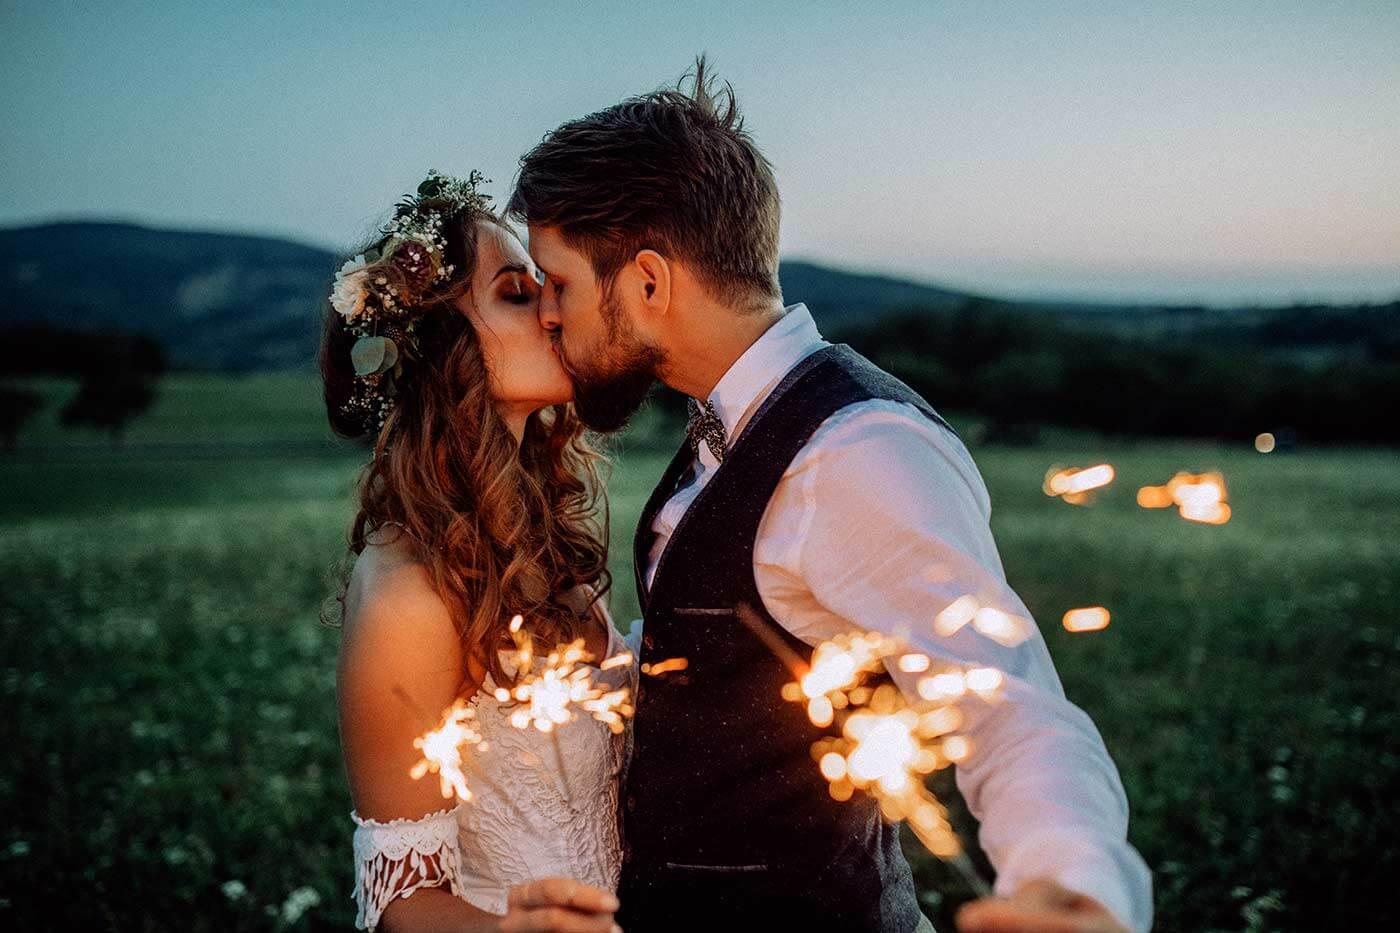 Hochzeit Wunderkerzen Fotos